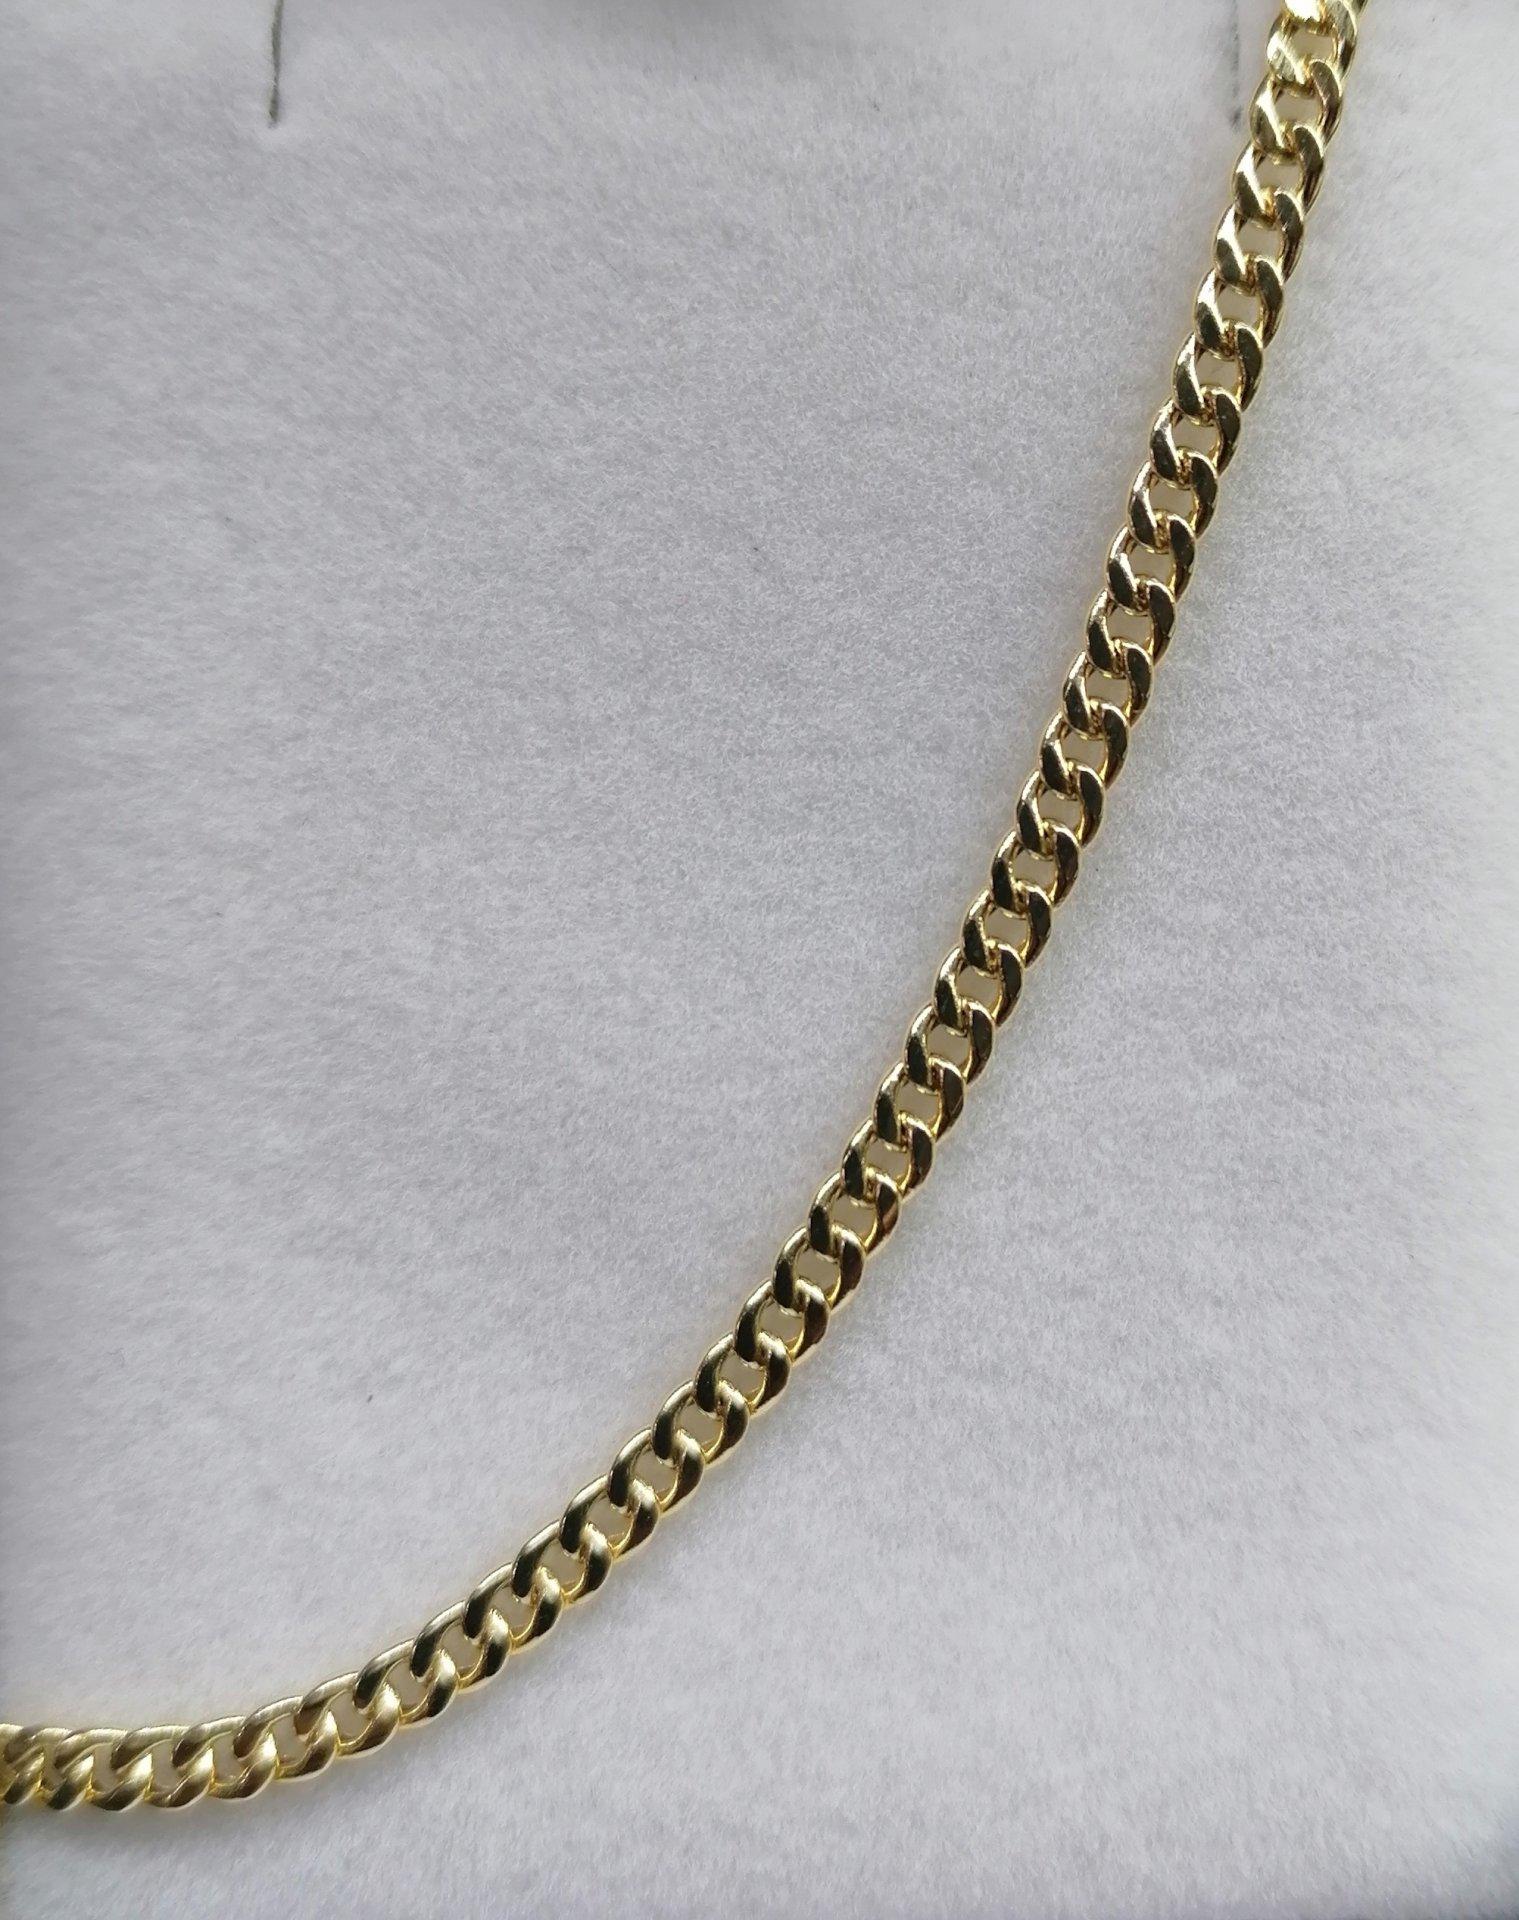 Cadena barbada de oro amarillo 45 cm gruesa